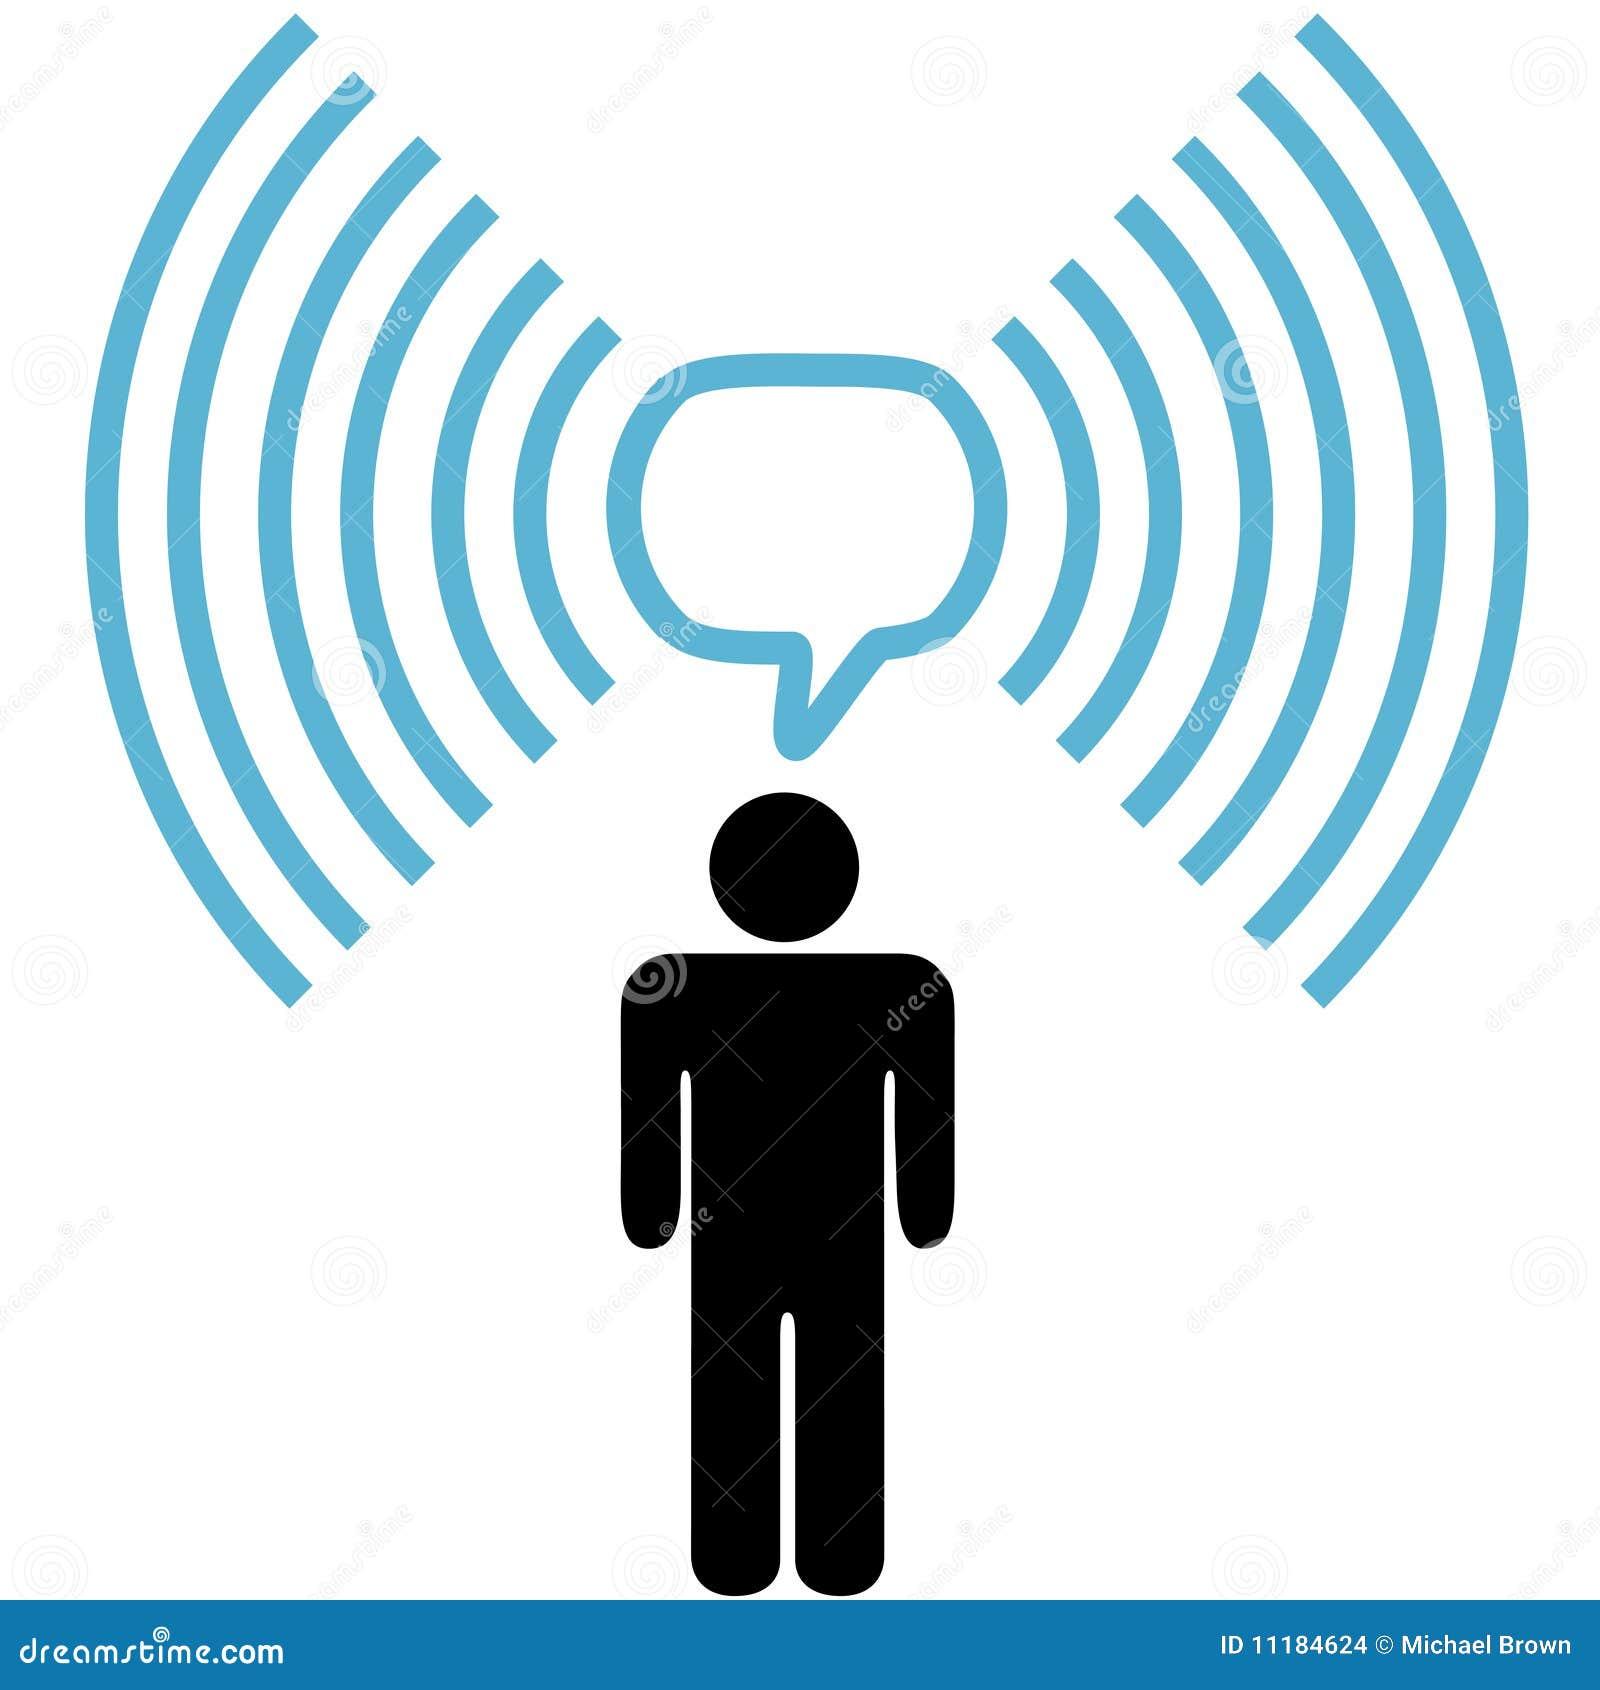 博克宽频传达复制信息网络其他在人员空间符号wifi无线.图片